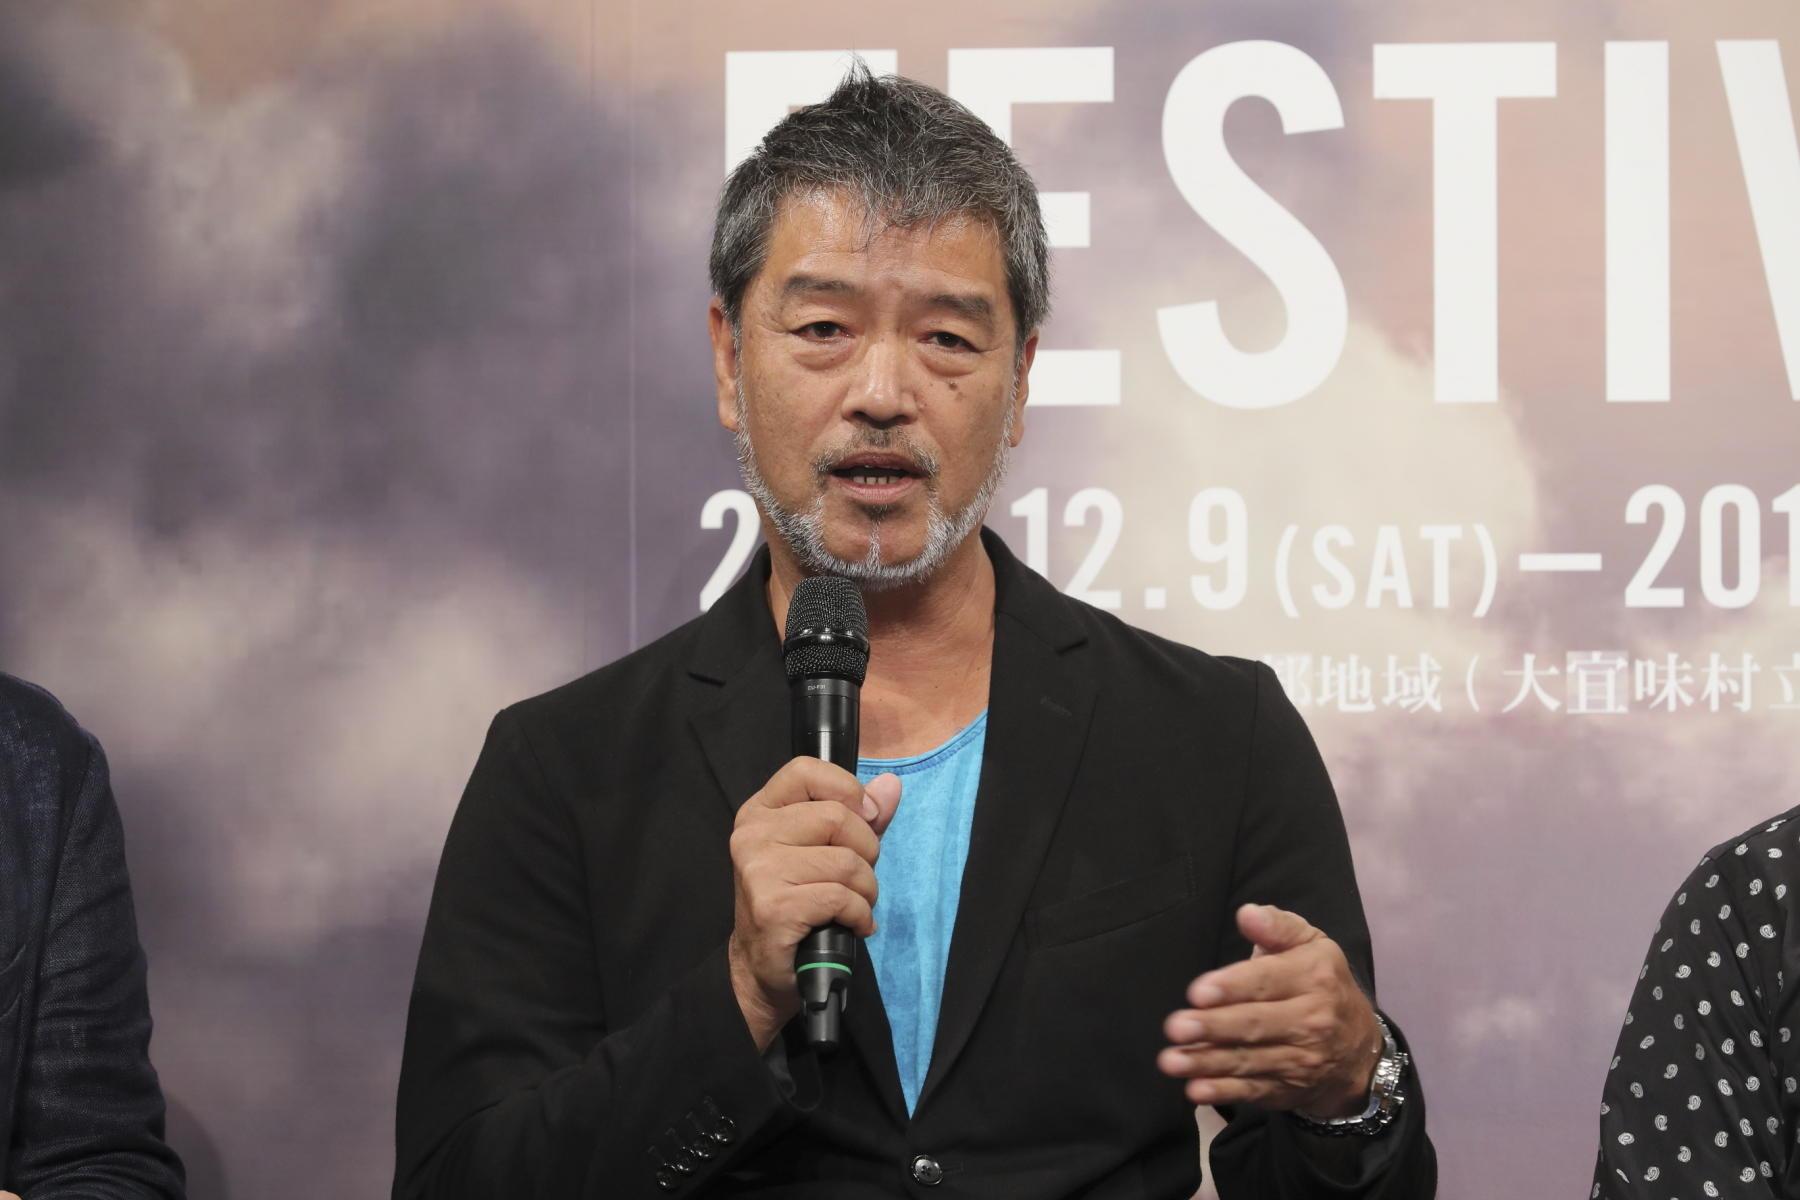 http://news.yoshimoto.co.jp/20171018233142-79c210be9c610b023877b5452409661f552fddb9.jpg